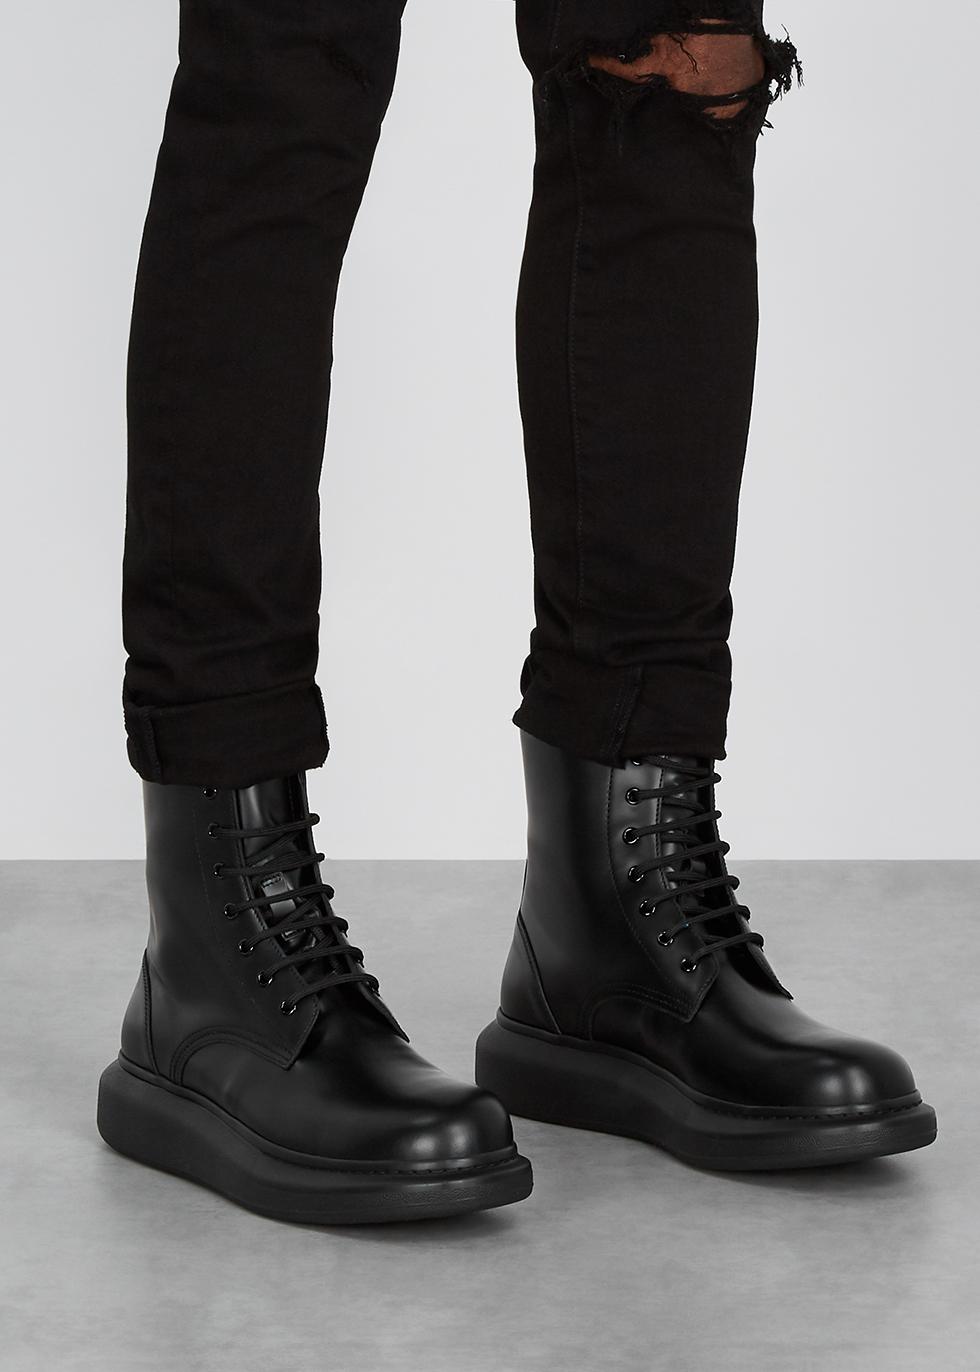 alexander mcqueen black boots